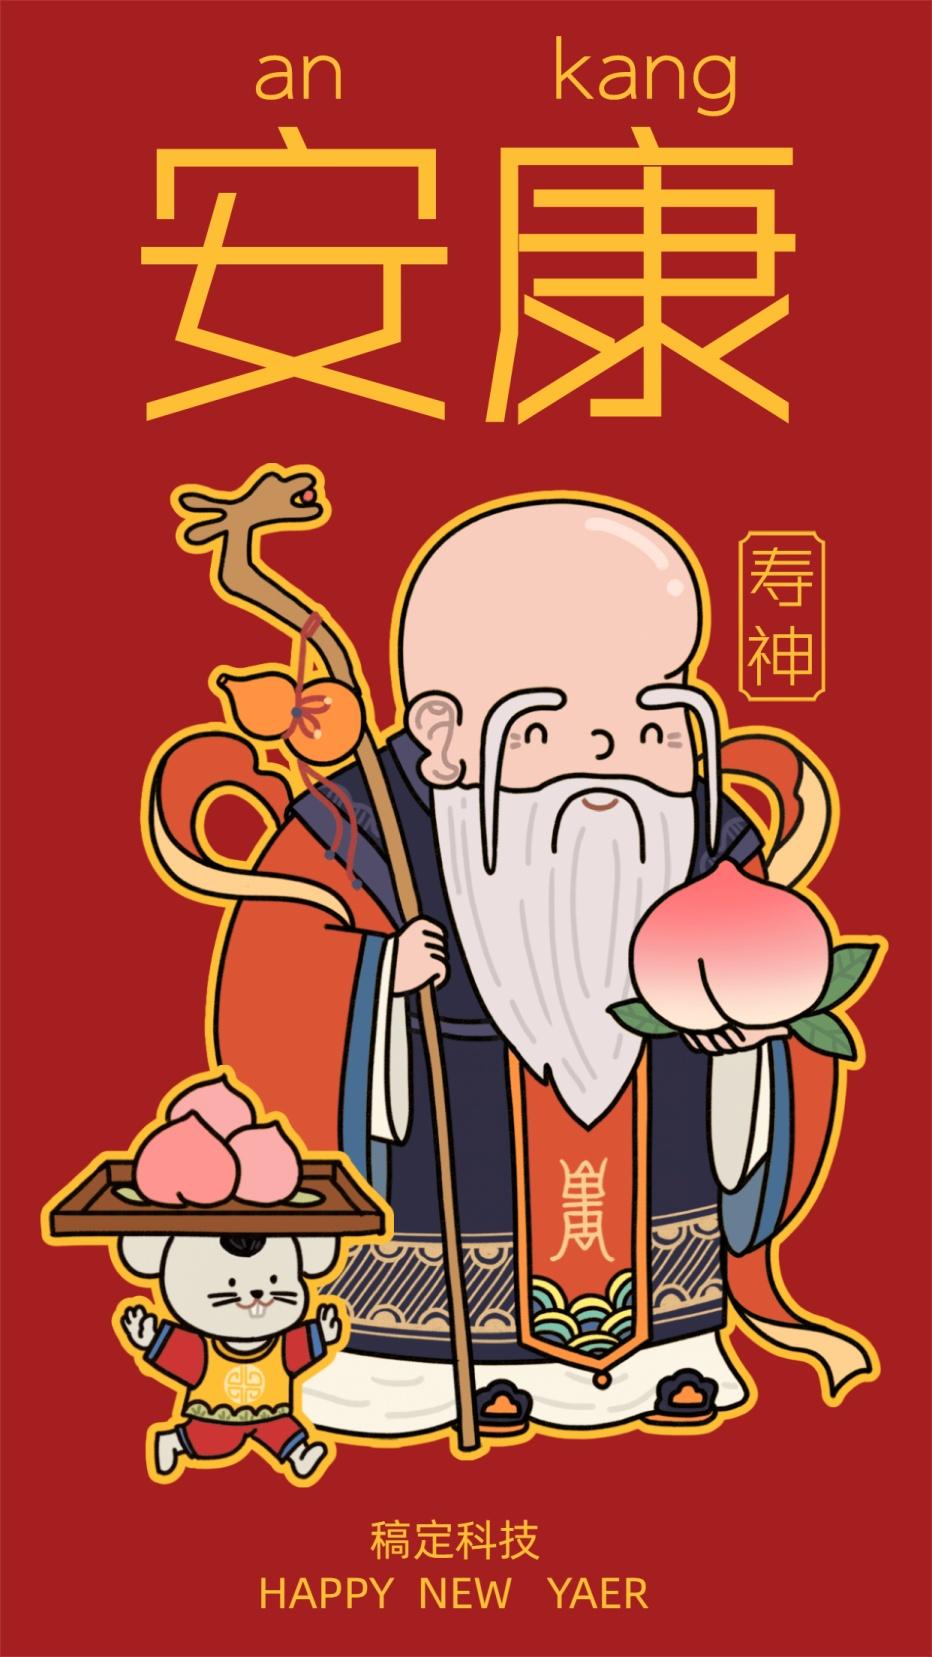 新年春节新春套系祝福寿神长命百岁卡通中国风插画手机海报